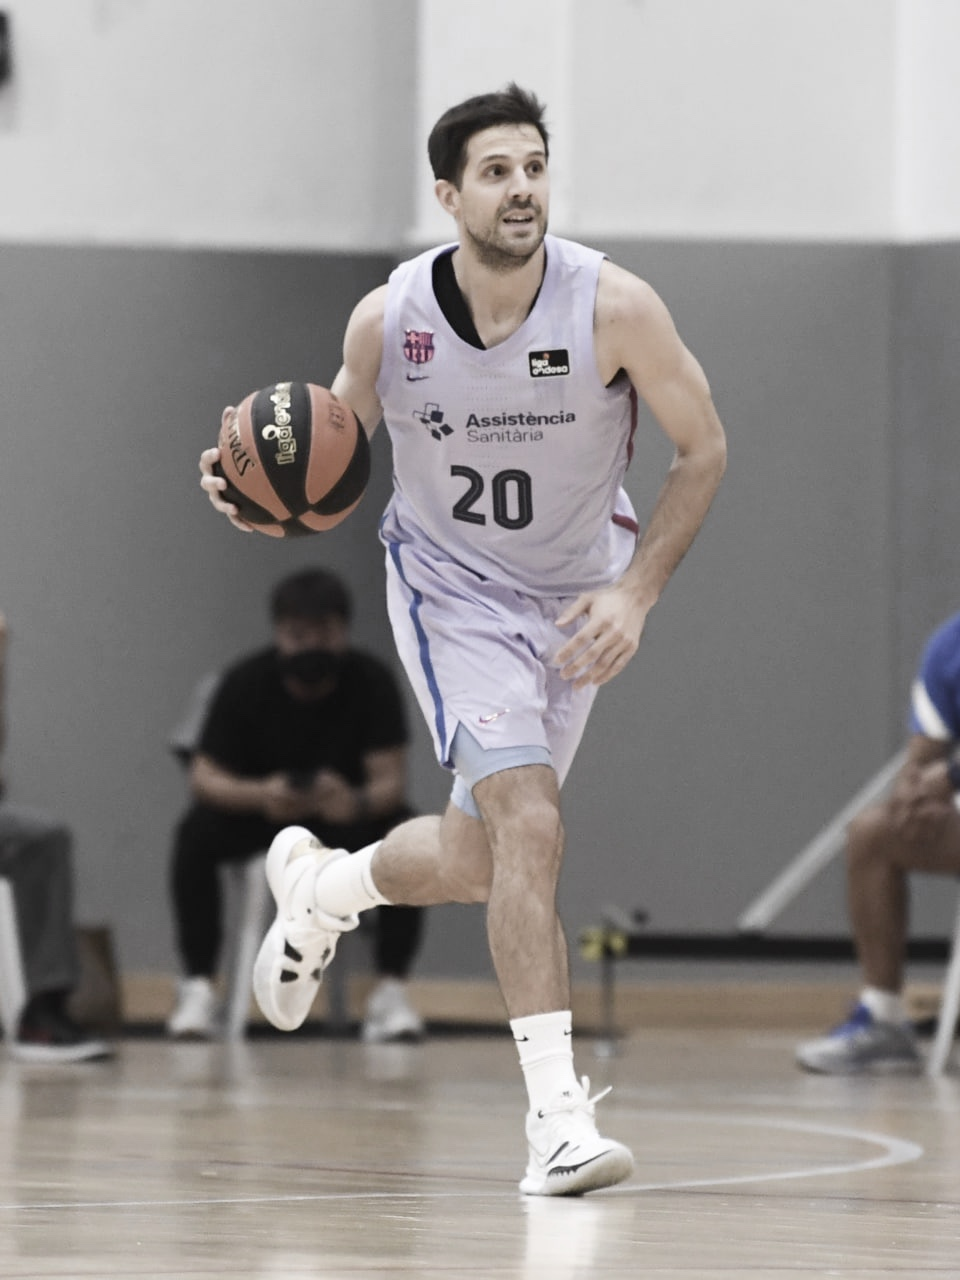 El Barça Basket vence al Limoges y firma la segunda victoria de la pretemporada (83-47)